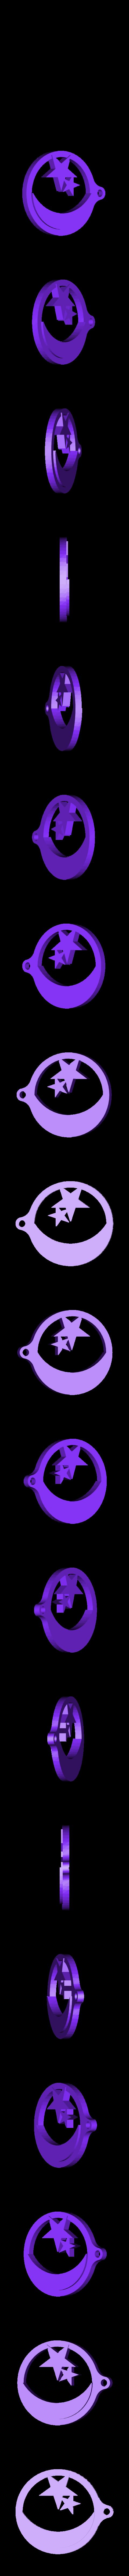 StarAndMoonPennantV2.STL Télécharger fichier STL gratuit Fanion étoilé et fanion lunaire • Objet à imprimer en 3D, Durbanarb